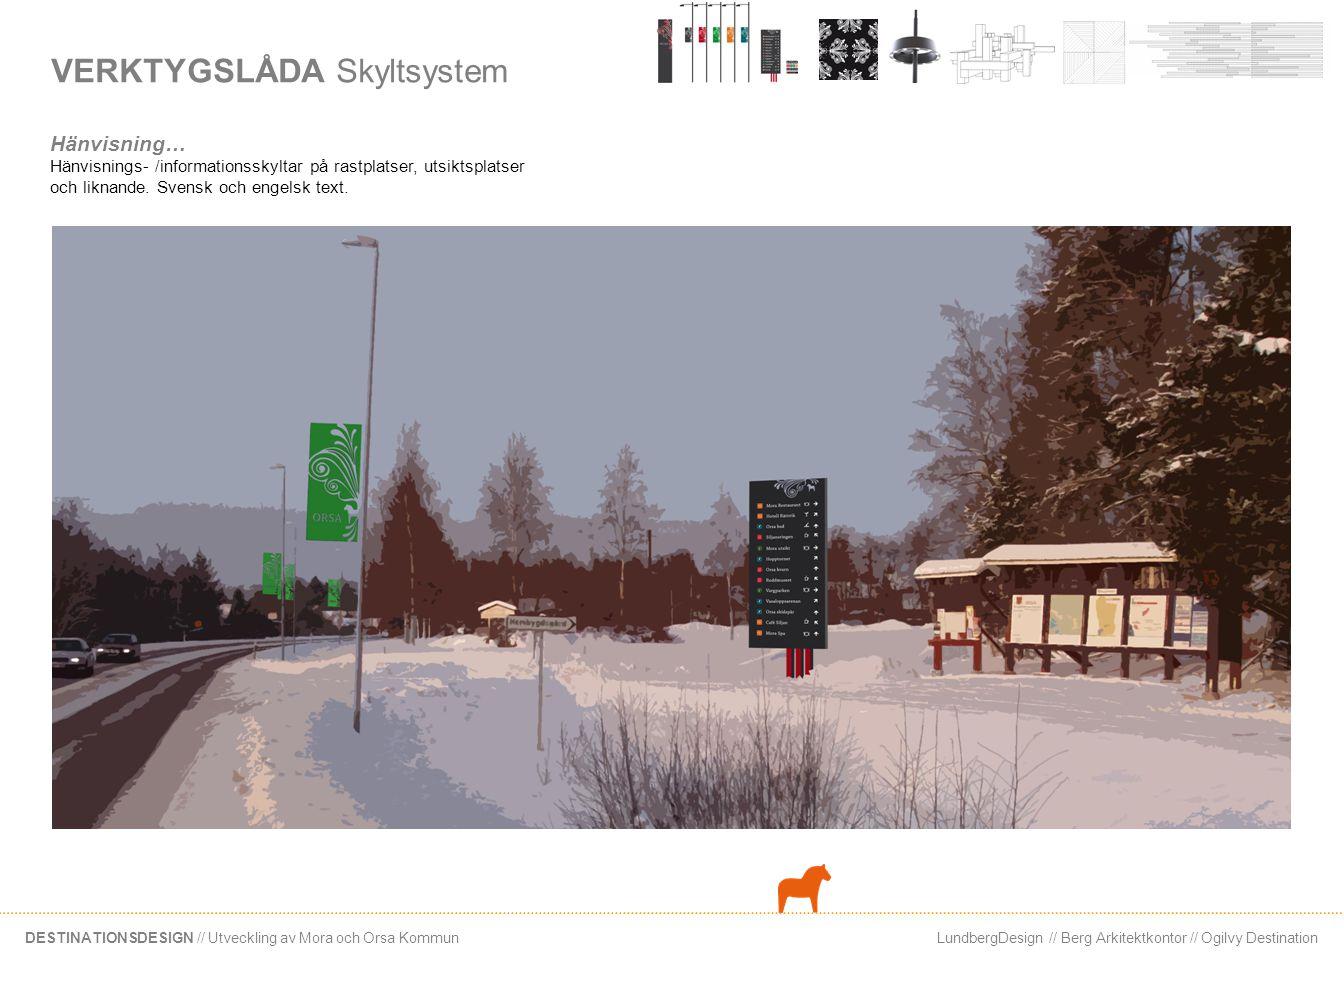 LundbergDesign // Berg Arkitektkontor // Ogilvy DestinationDESTINATIONSDESIGN // Utveckling av Mora och Orsa Kommun VERKTYGSLÅDA Arkitektoniska element Hänvisning Hänvisningsskyltar i kommunerna i Siljan.